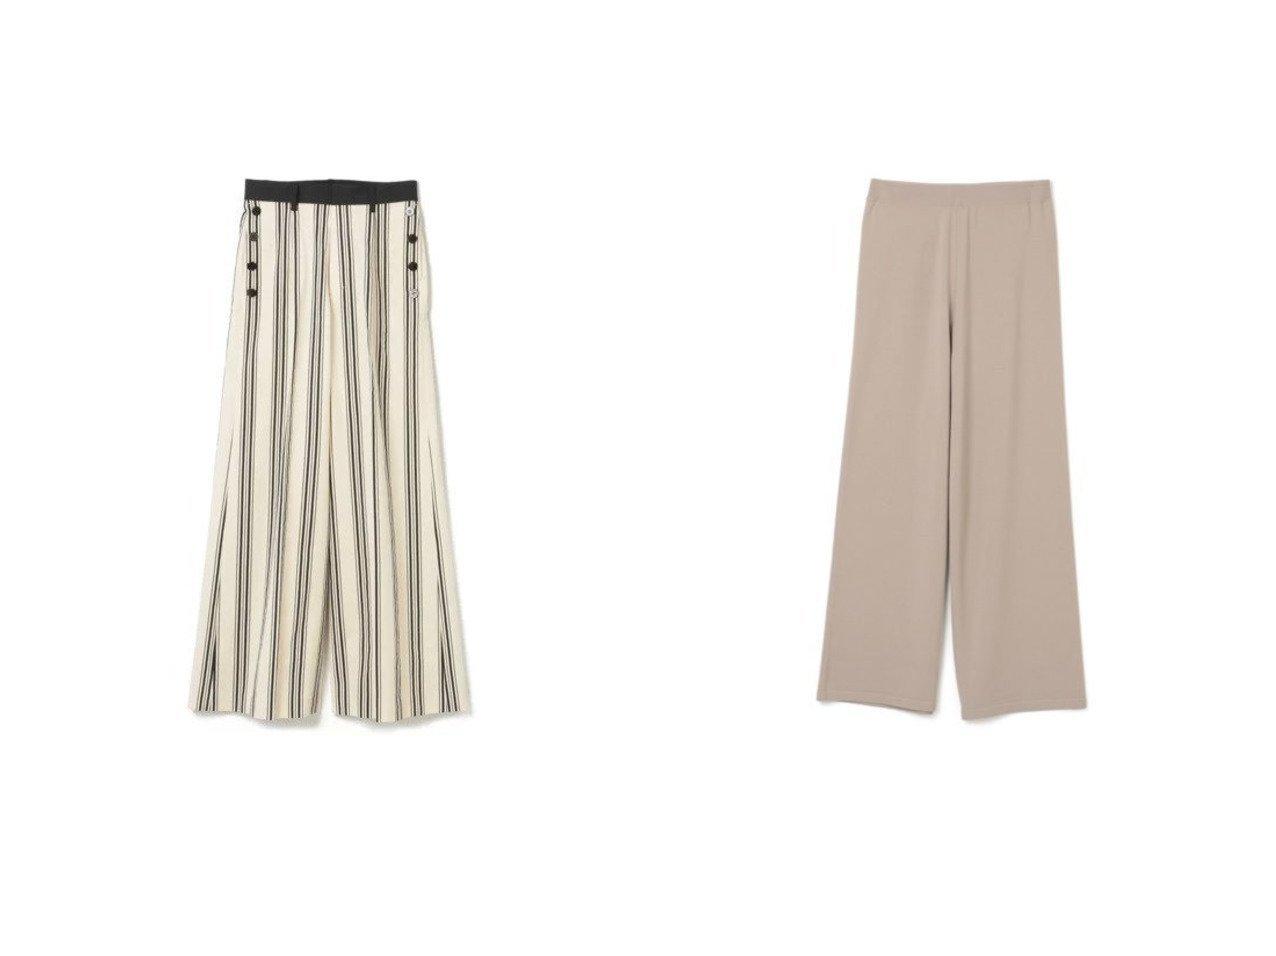 【theory/セオリー】のSUPER WOOL WIDE KNIT PT&【AKIRANAKA/アキラナカ】のBecky pants パンツのおすすめ!人気、トレンド・レディースファッションの通販 おすすめで人気の流行・トレンド、ファッションの通販商品 メンズファッション・キッズファッション・インテリア・家具・レディースファッション・服の通販 founy(ファニー) https://founy.com/ ファッション Fashion レディースファッション WOMEN パンツ Pants 2021年 2021 2021 春夏 S/S SS Spring/Summer 2021 S/S 春夏 SS Spring/Summer ストライプ ワイド |ID:crp329100000016275